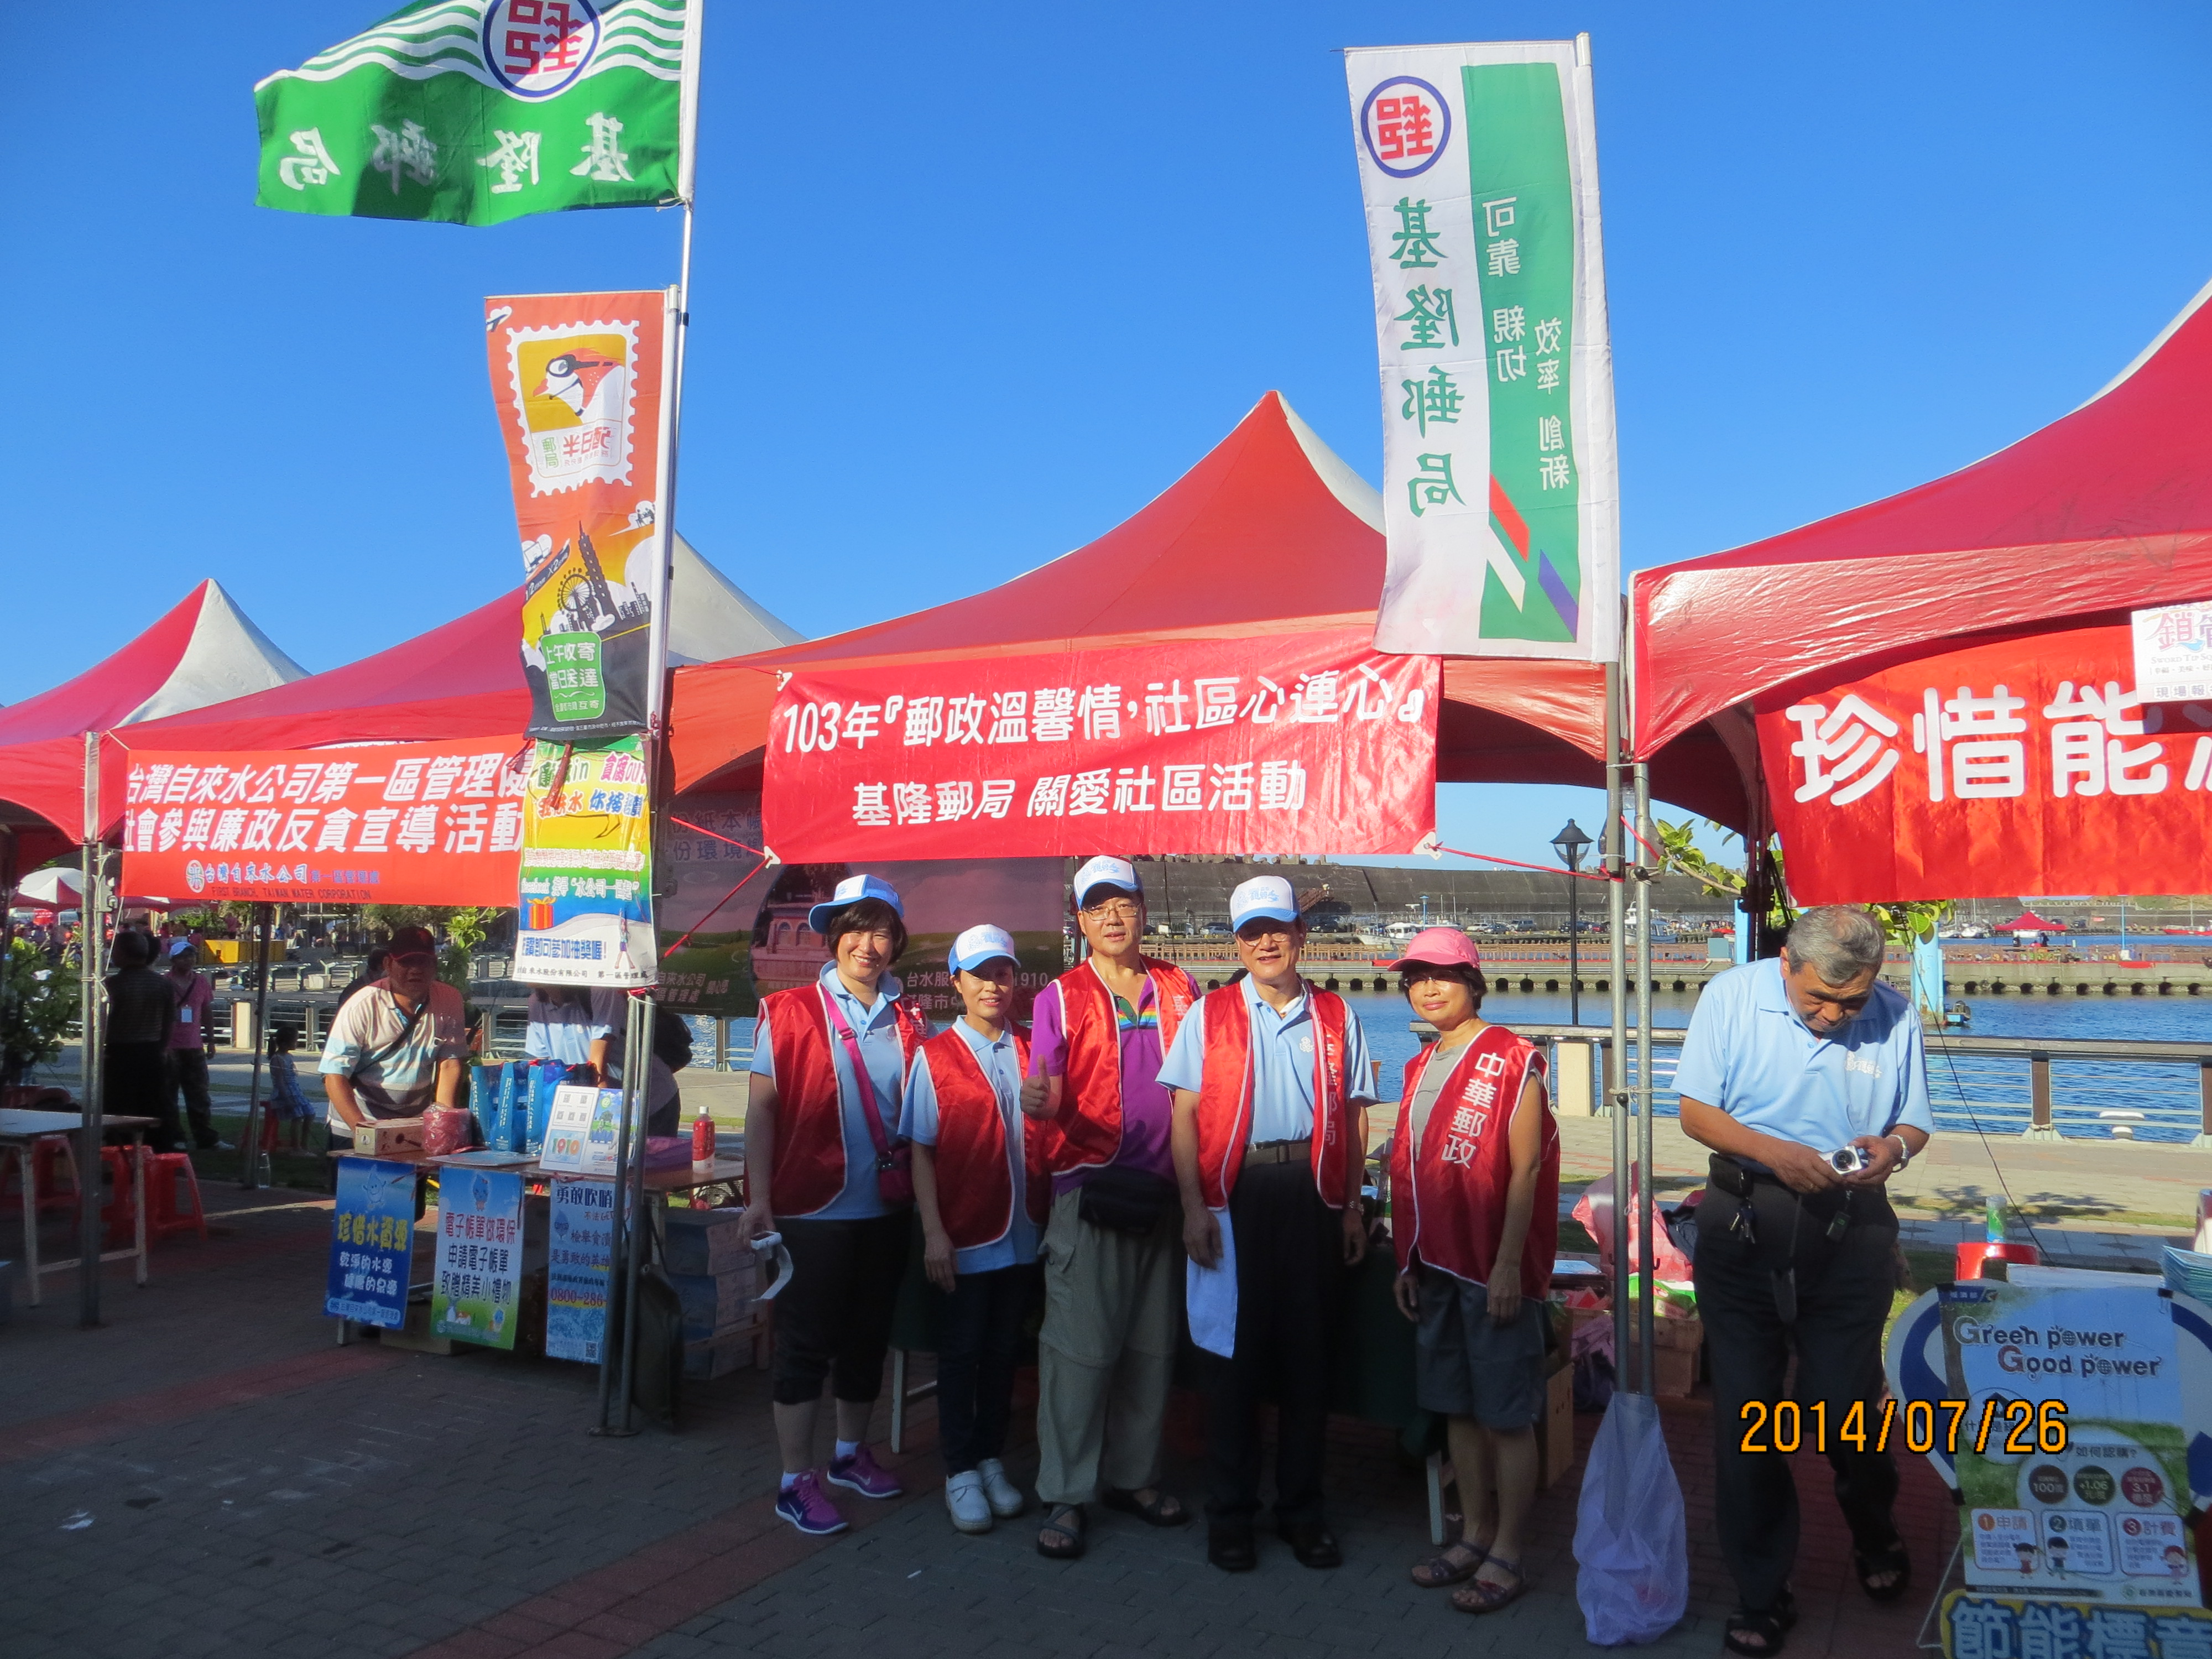 基隆郵局參與「2014基隆鎖管季」嘉年華設攤服務活動_103.7.24